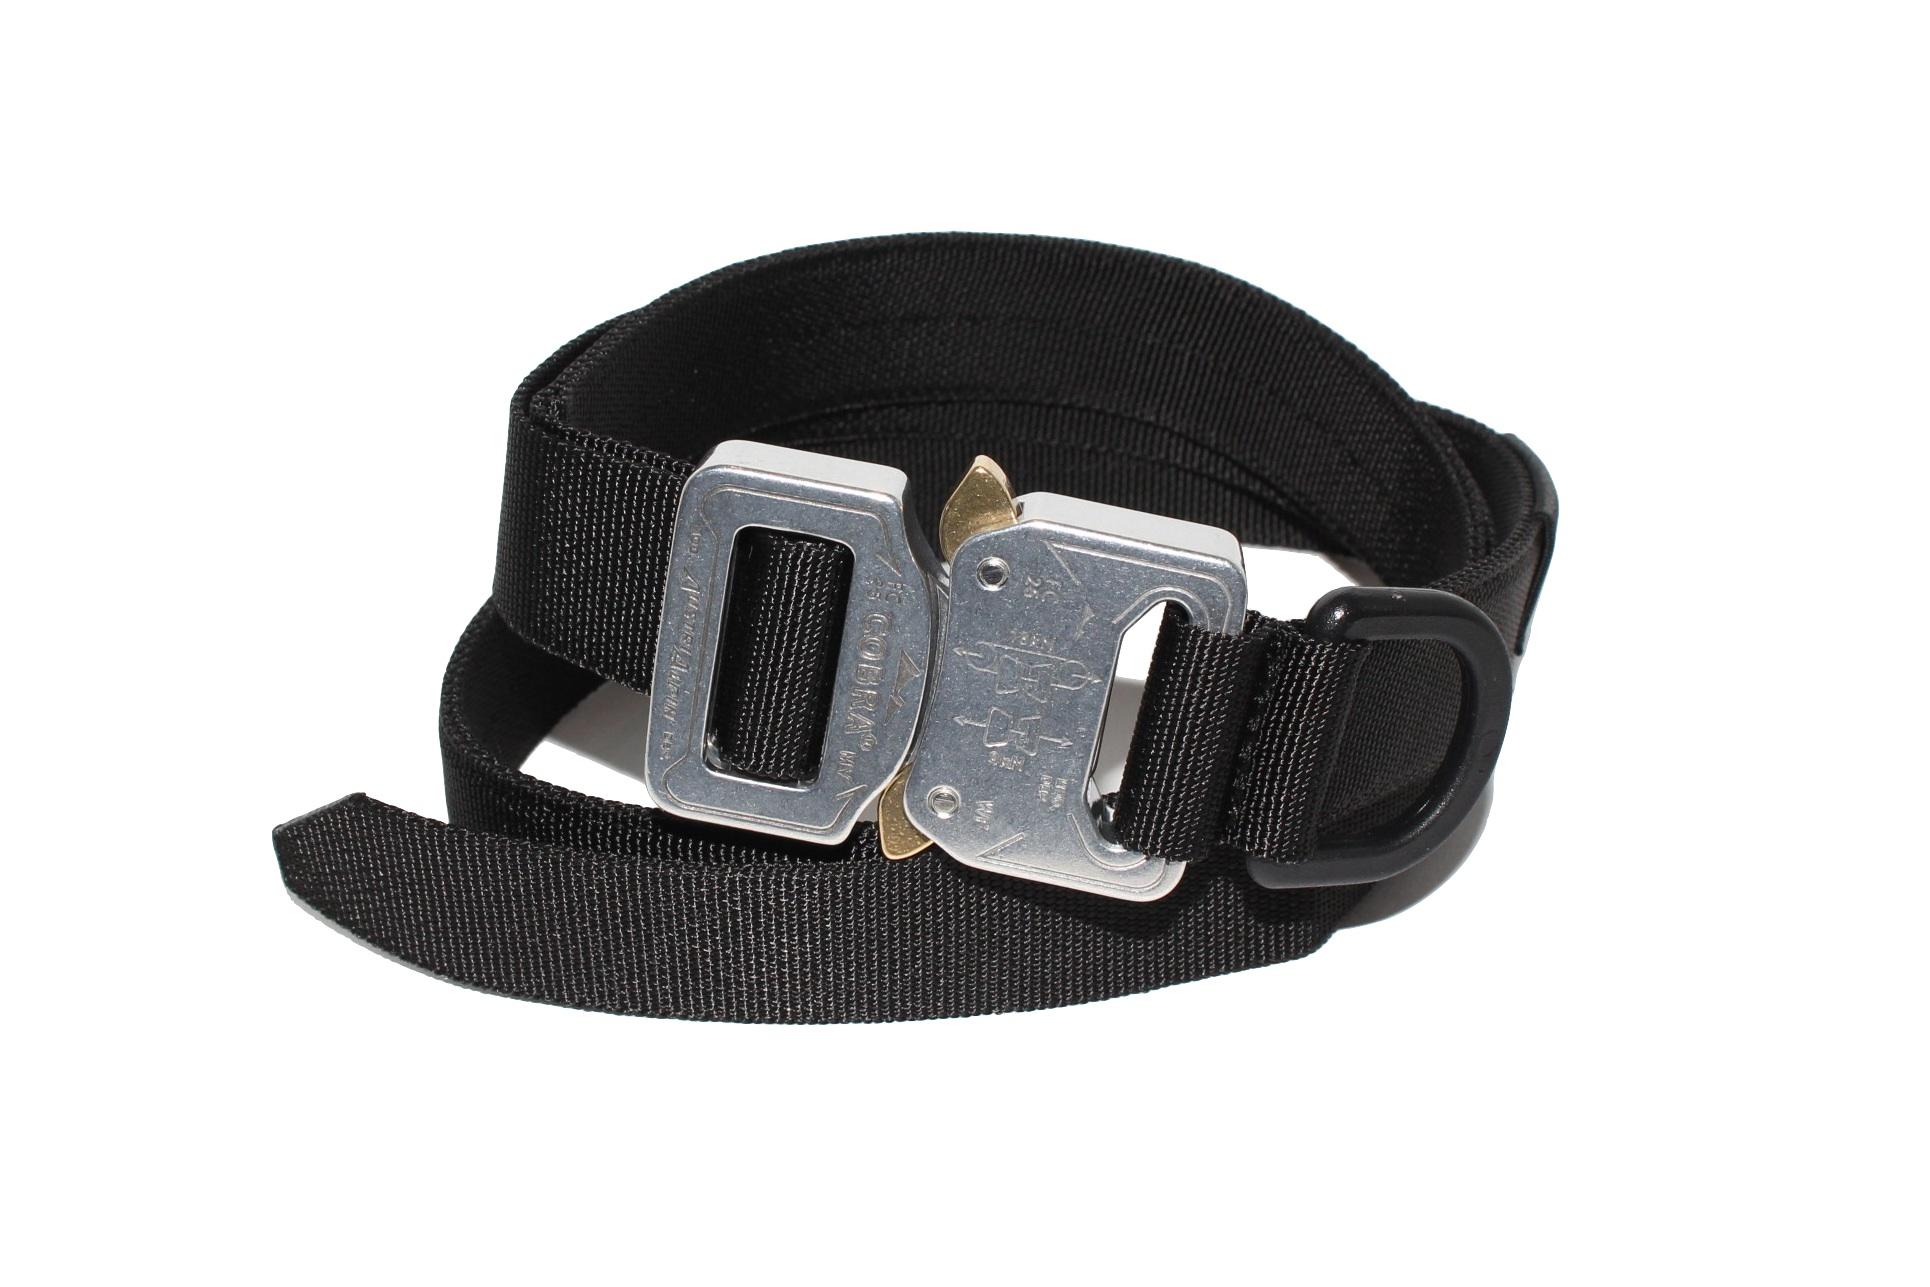 bagjack OVERRIVER Exclusive Line(バッグジャックオーバーリバーエクスクルーシブライン) | NXL Gurtel Cobra 25mm OC Ssize Belt(ネクストレベル / コブラベルトSサイズ)